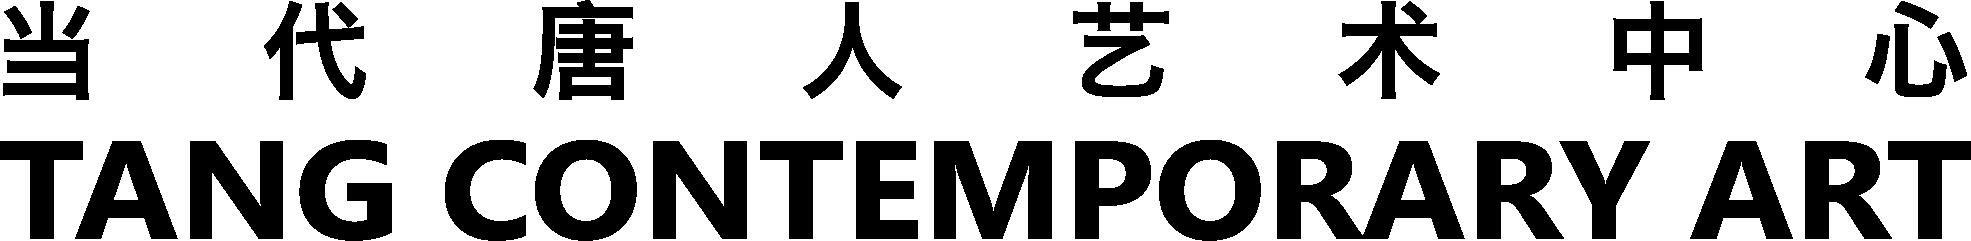 当代唐人艺术中心参展北京当代艺博会2021 北京 艺博会 当代唐人艺术中心 展位 陈丹青 陈彧君 蔡磊 李青 庞茂琨 谭平 崇真艺客